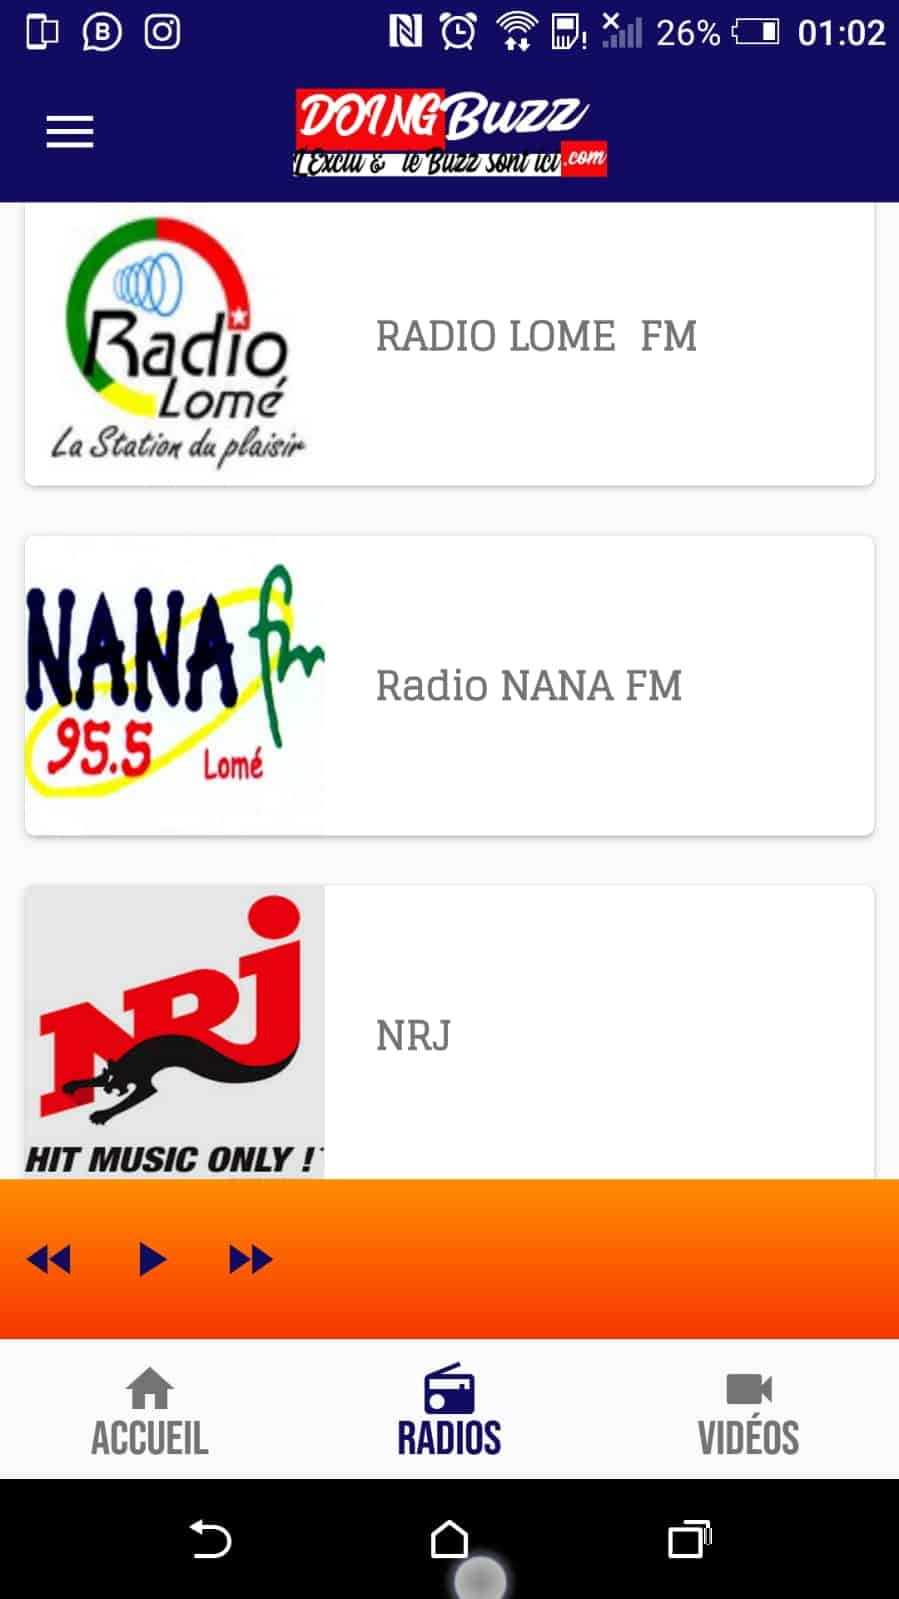 Télécharger l'application mobile Doingbuzz !!